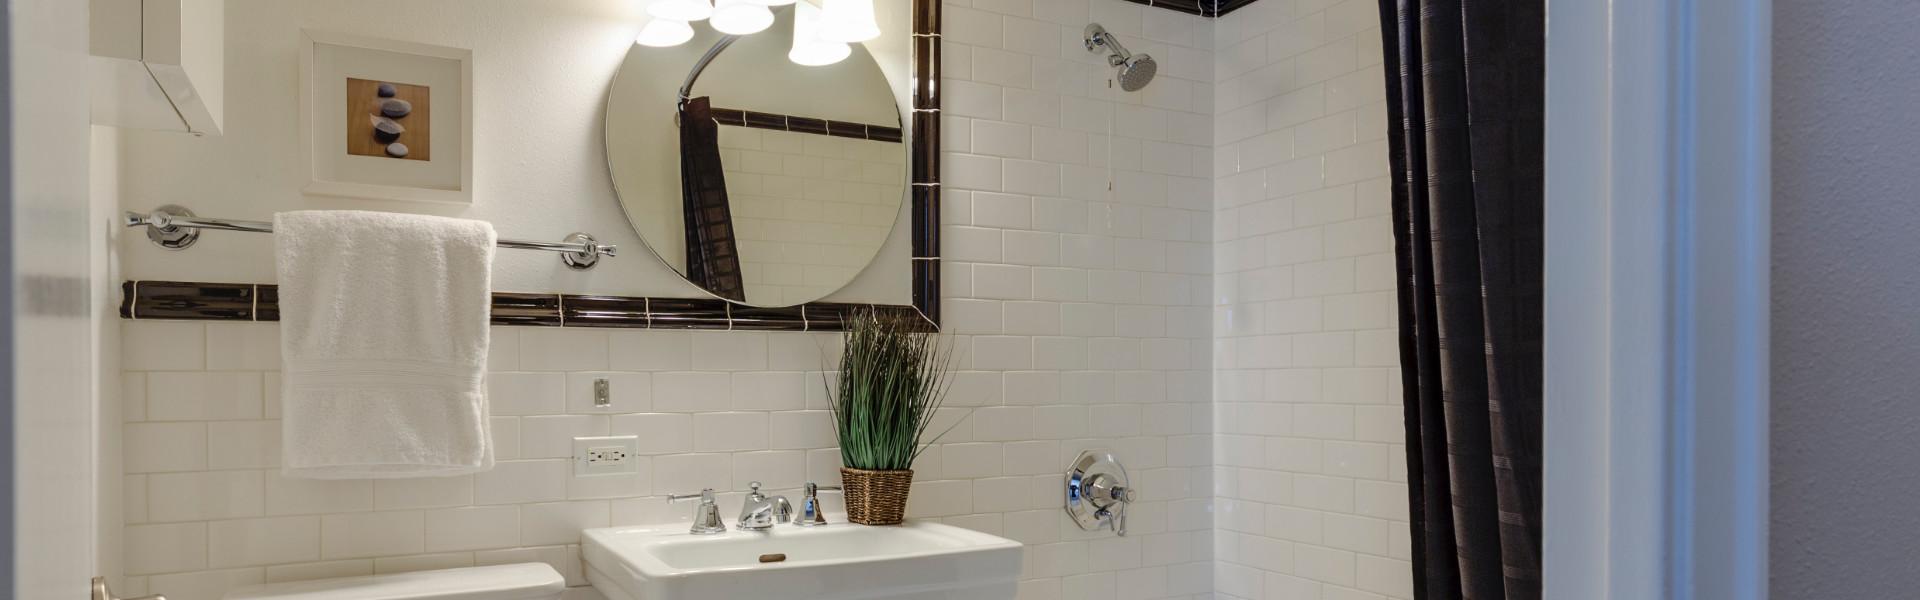 Oświetlenie do łazienki - poradnik wnętrzarski